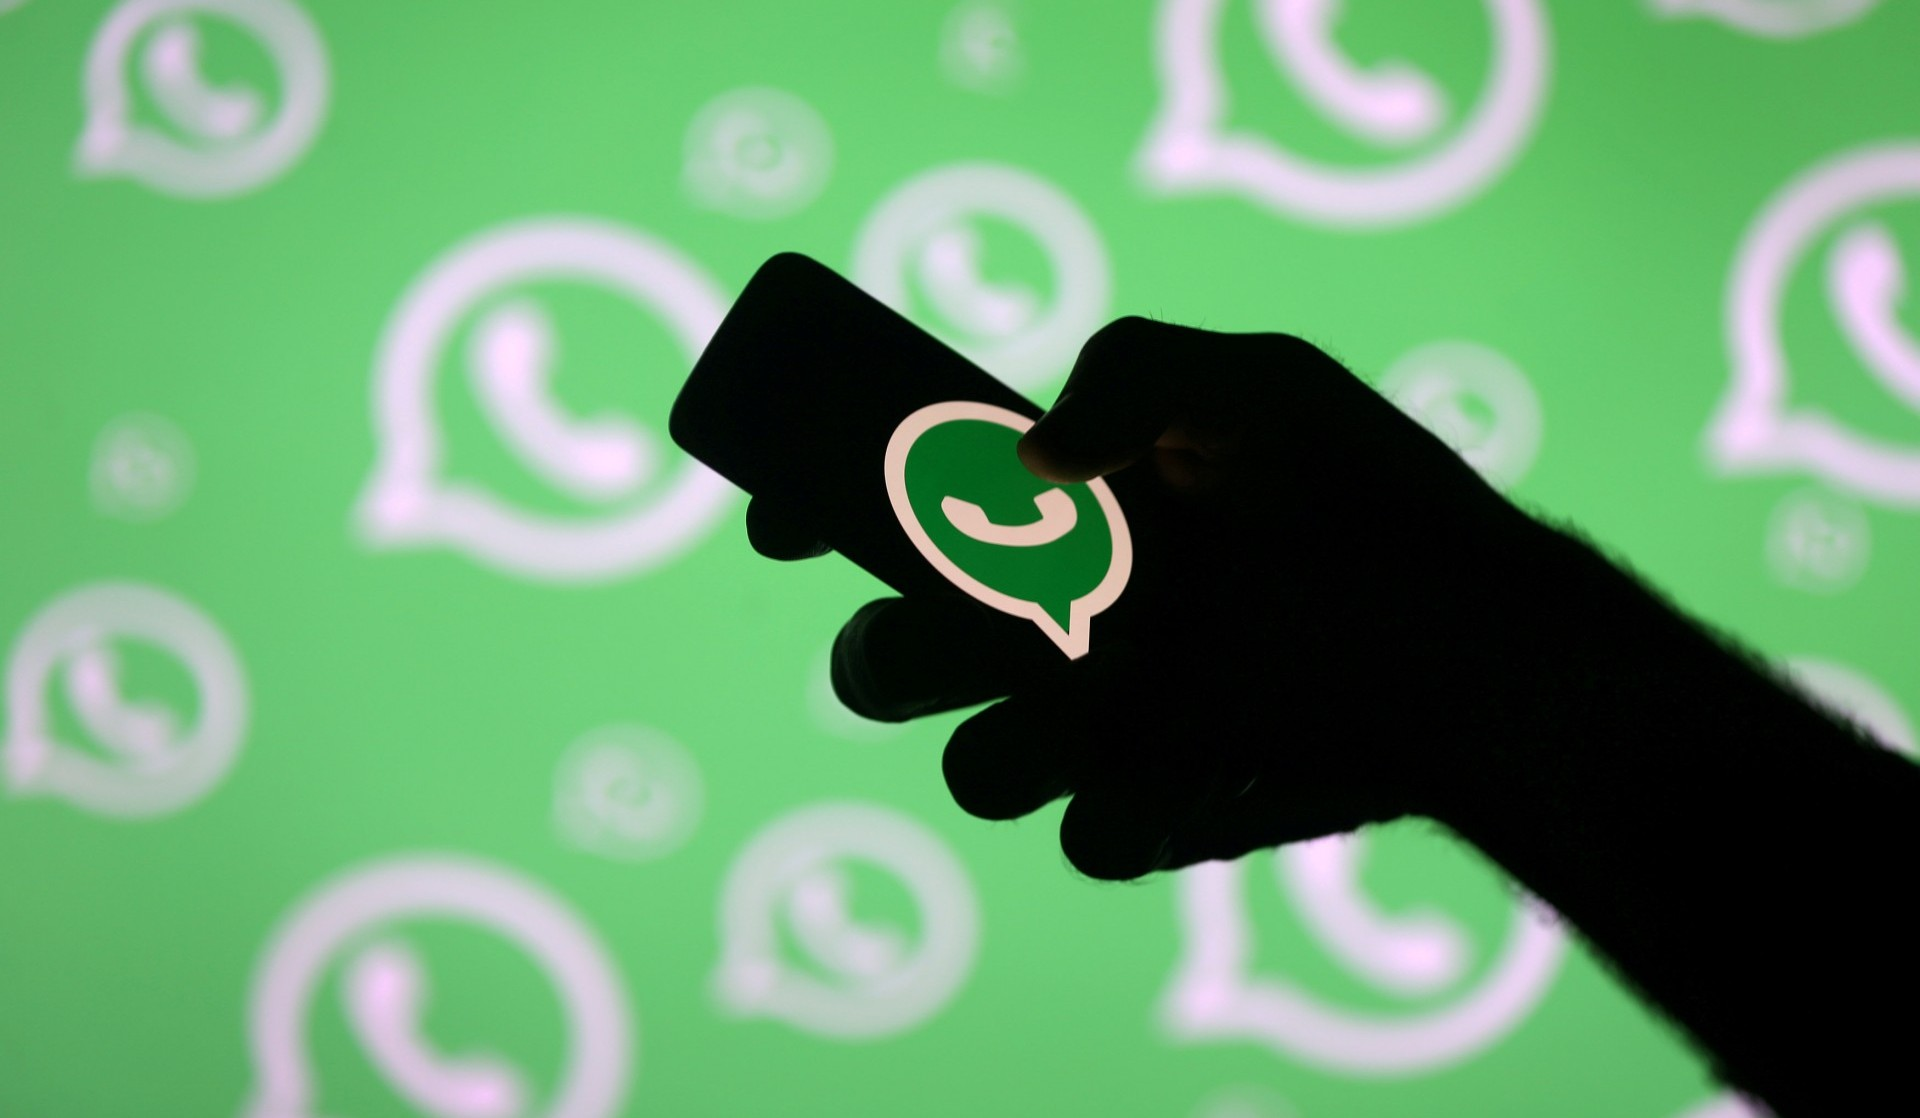 Las nuevas generaciones prefieren utilizar los servicios de mensajería en vez de las llamadas (REUTERS/Dado Ruvic/Archivo)